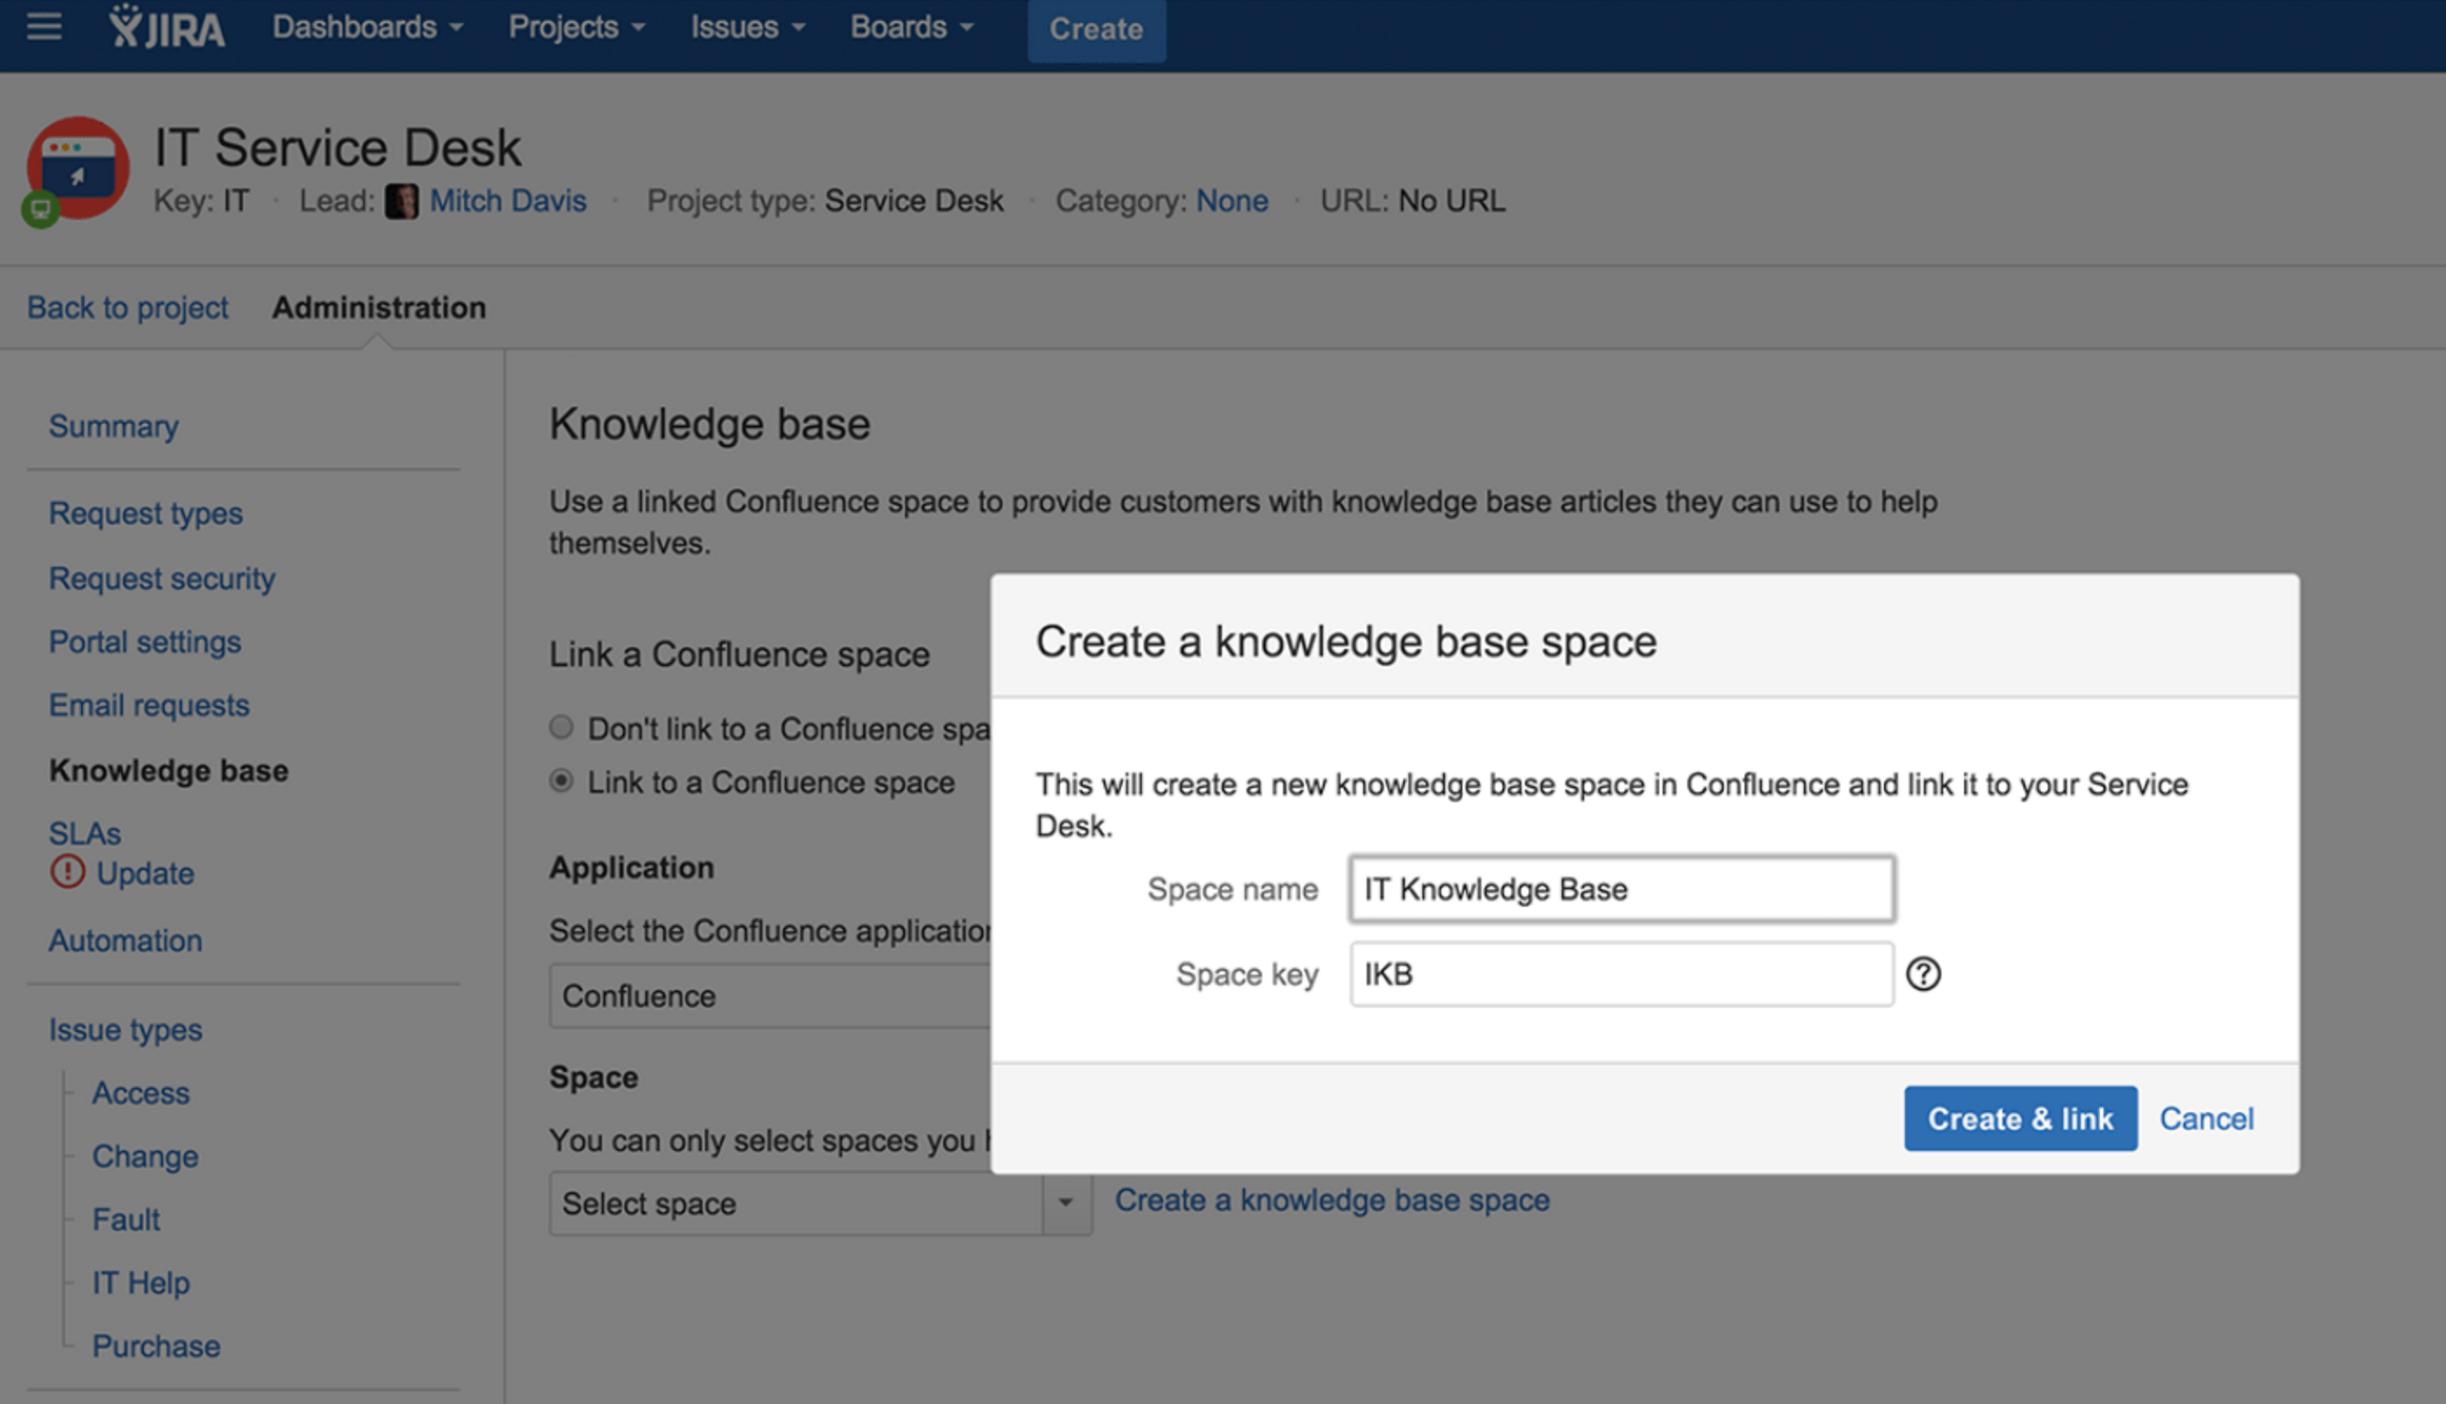 JIRA Service Desk Wissensbasis erstellen